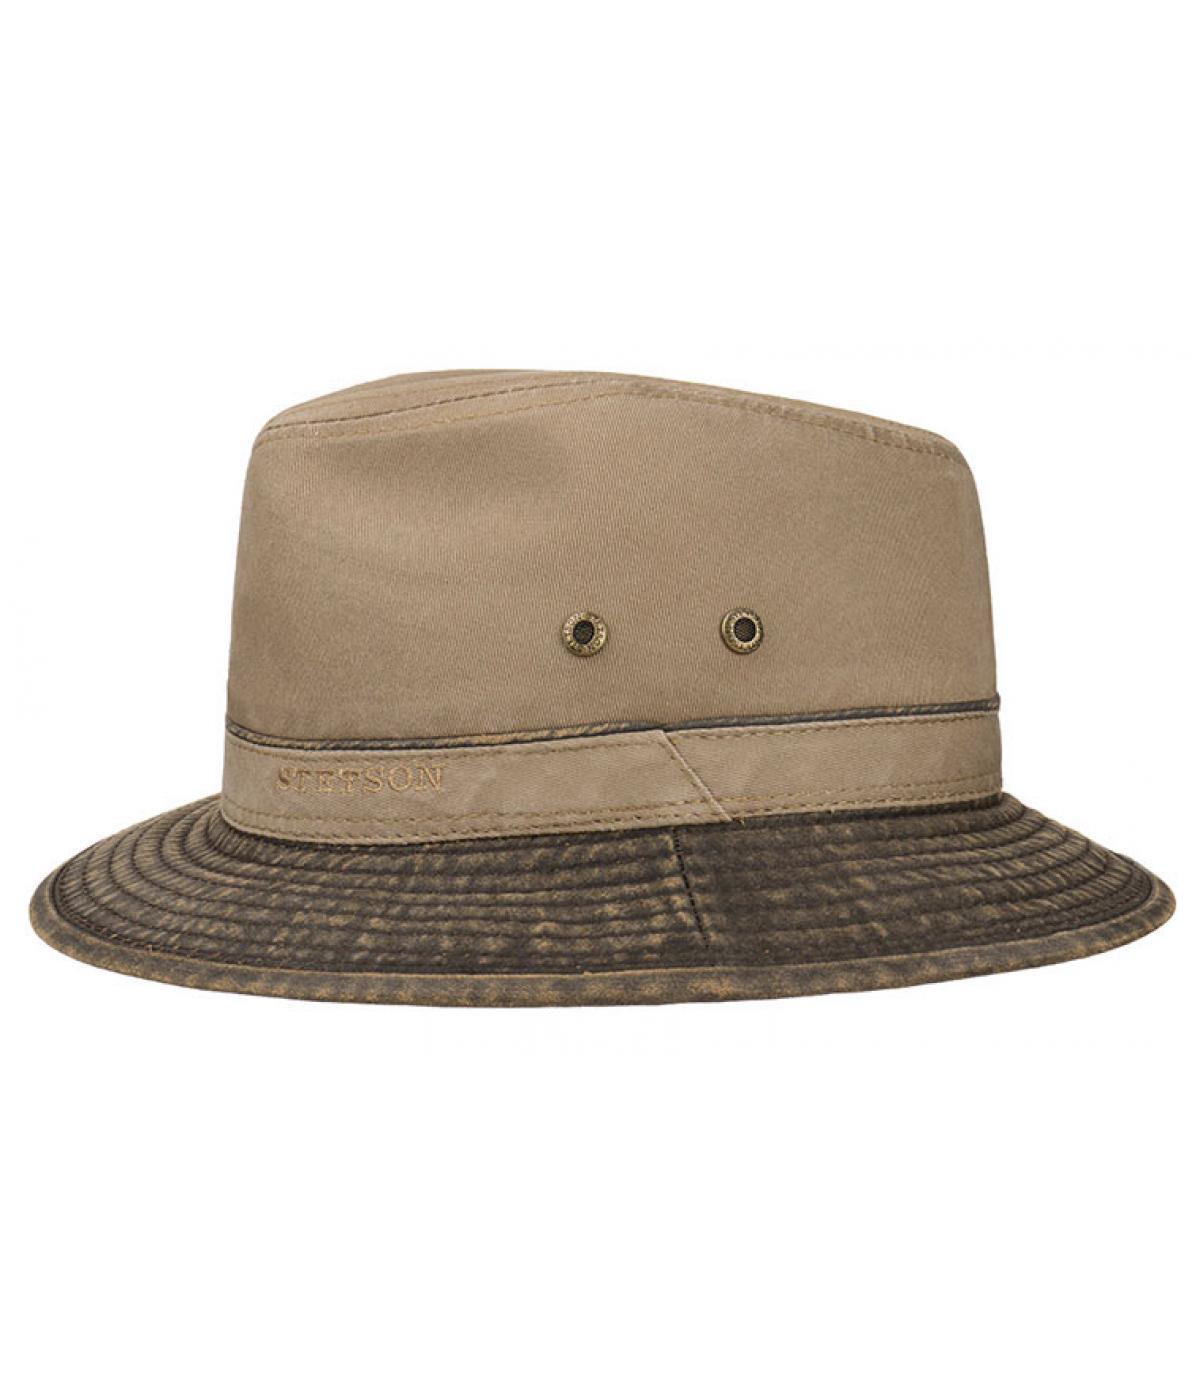 grijs katoenen reizen hoed